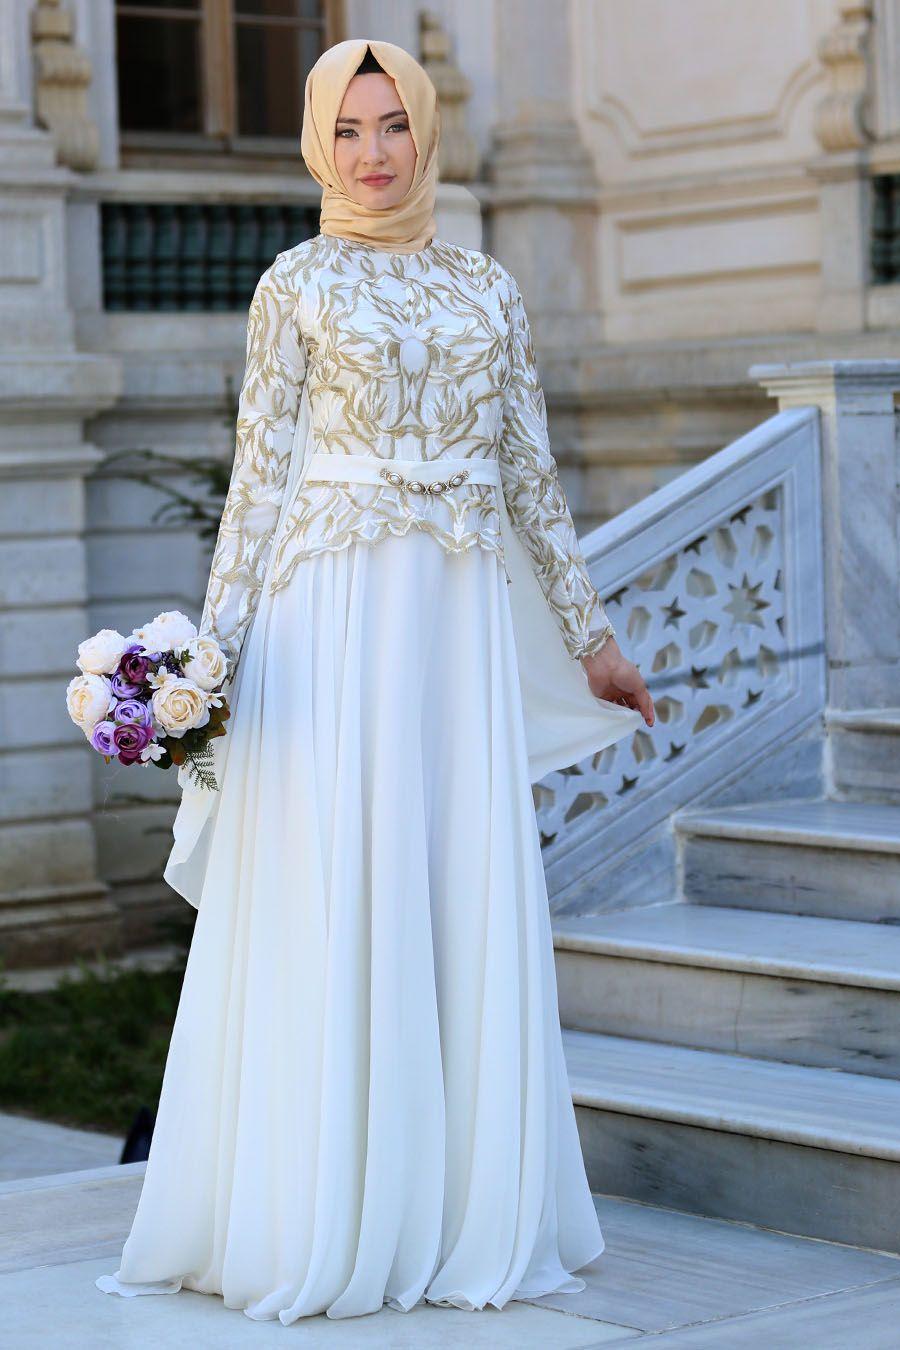 2018 2019 Yeni Sezon Ozel Tasarim Abiye Koleksiyonu Tesetturlu Abiye Elbise Beyaz Tesettur Abiye Elbise 7556b Tesetturis Dantel Gelinlik The Dress Elbise